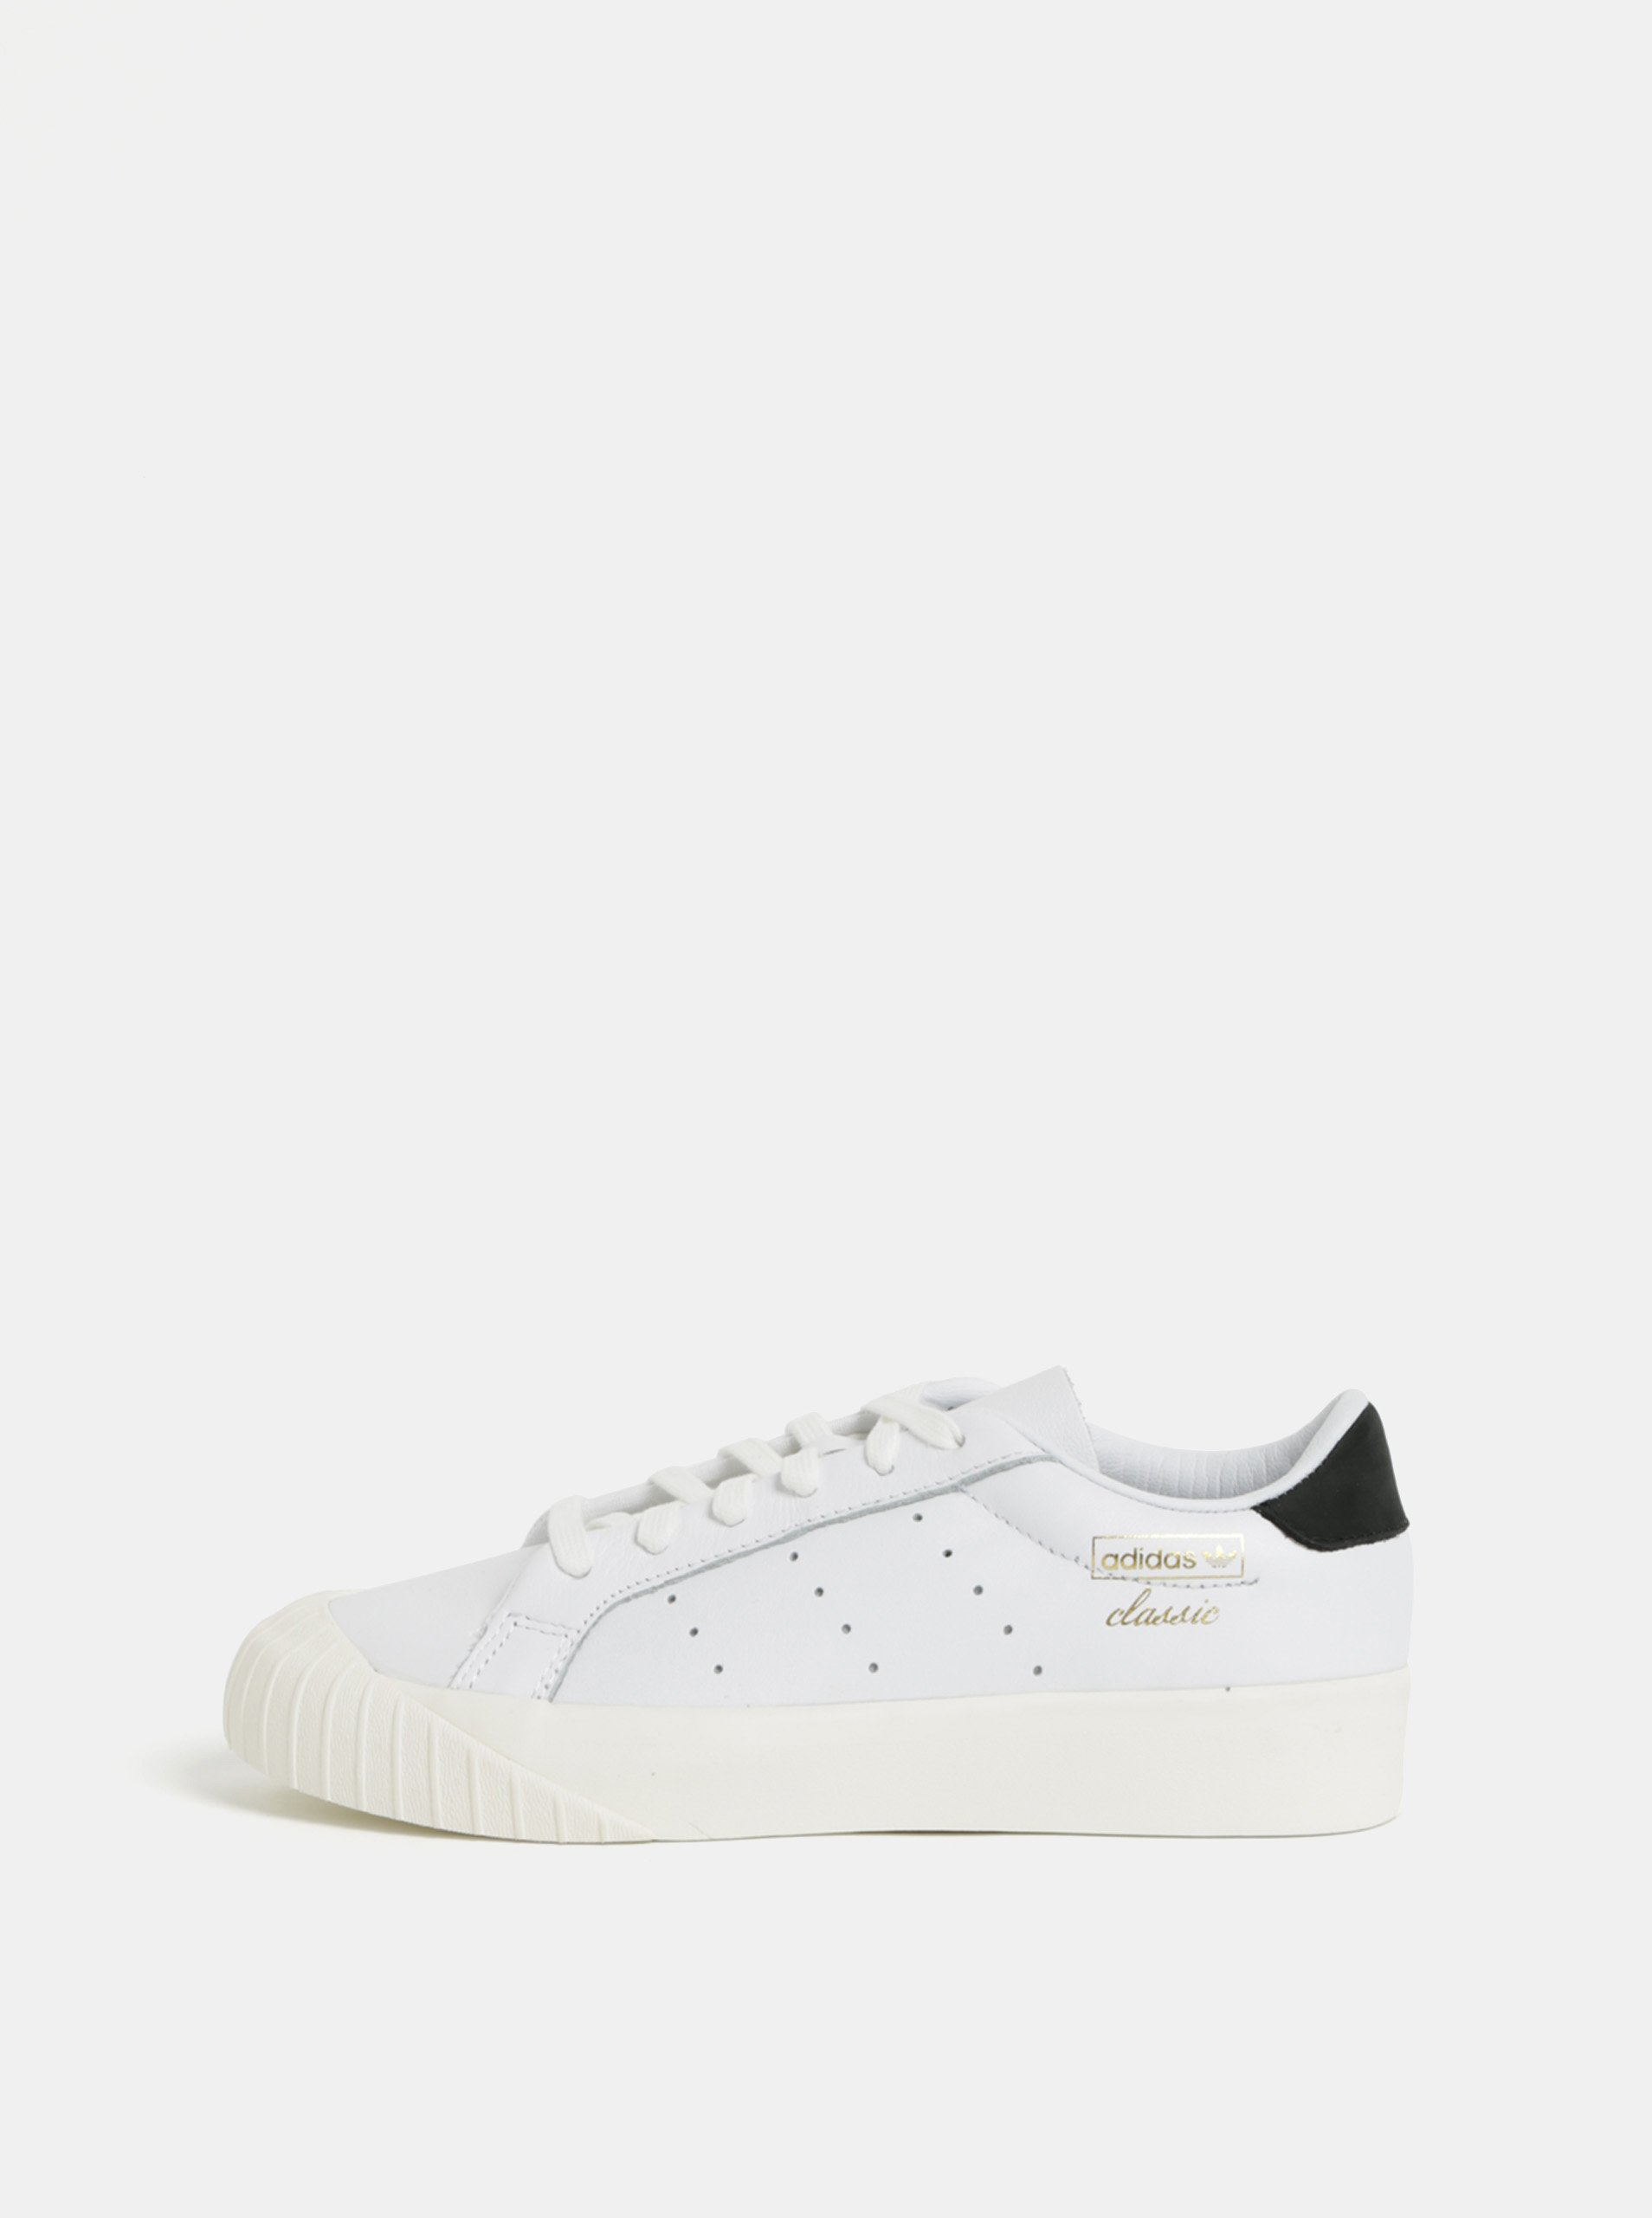 bf7e76c594de4 Biele dámske kožené tenisky adidas Originals Everyn | Moda.sk